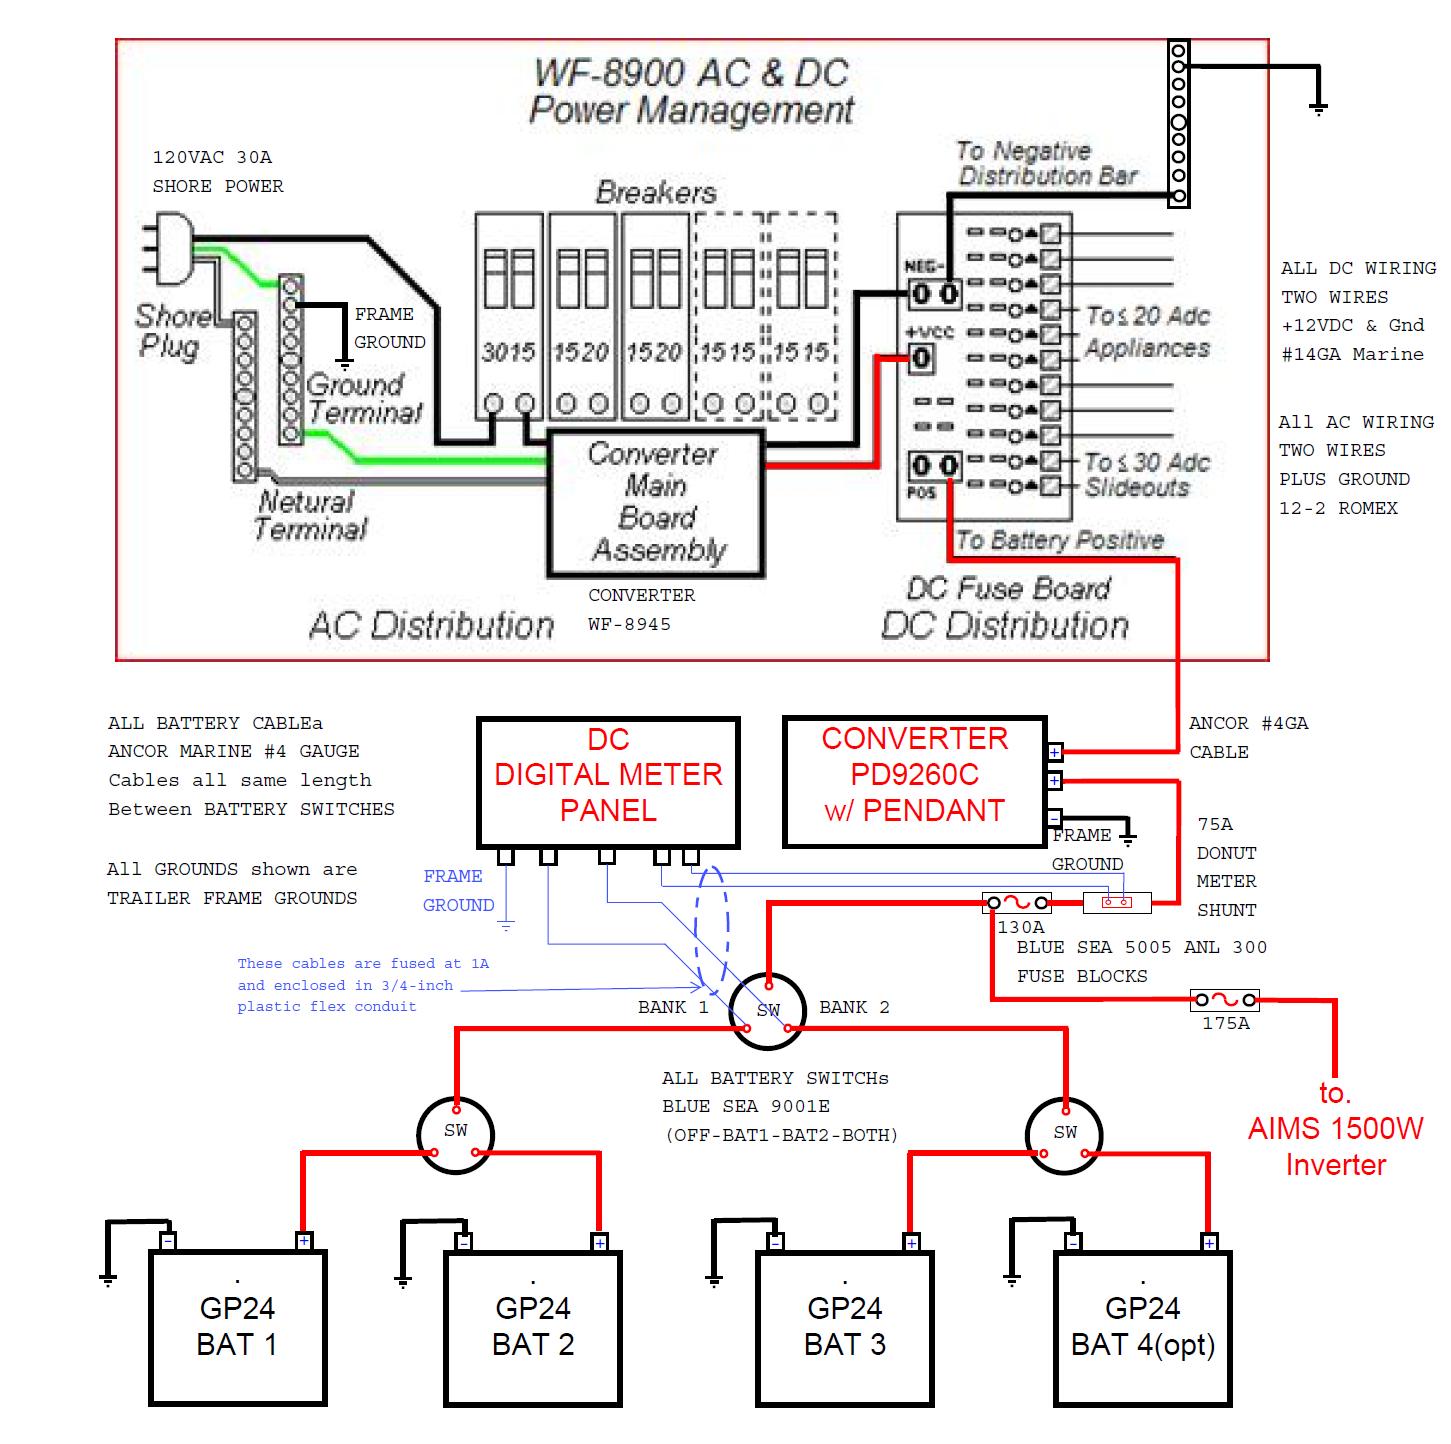 Camper 30 Amp Rv Wiring Diagram | Manual E-Books - 30 Amp Rv Wiring Diagram